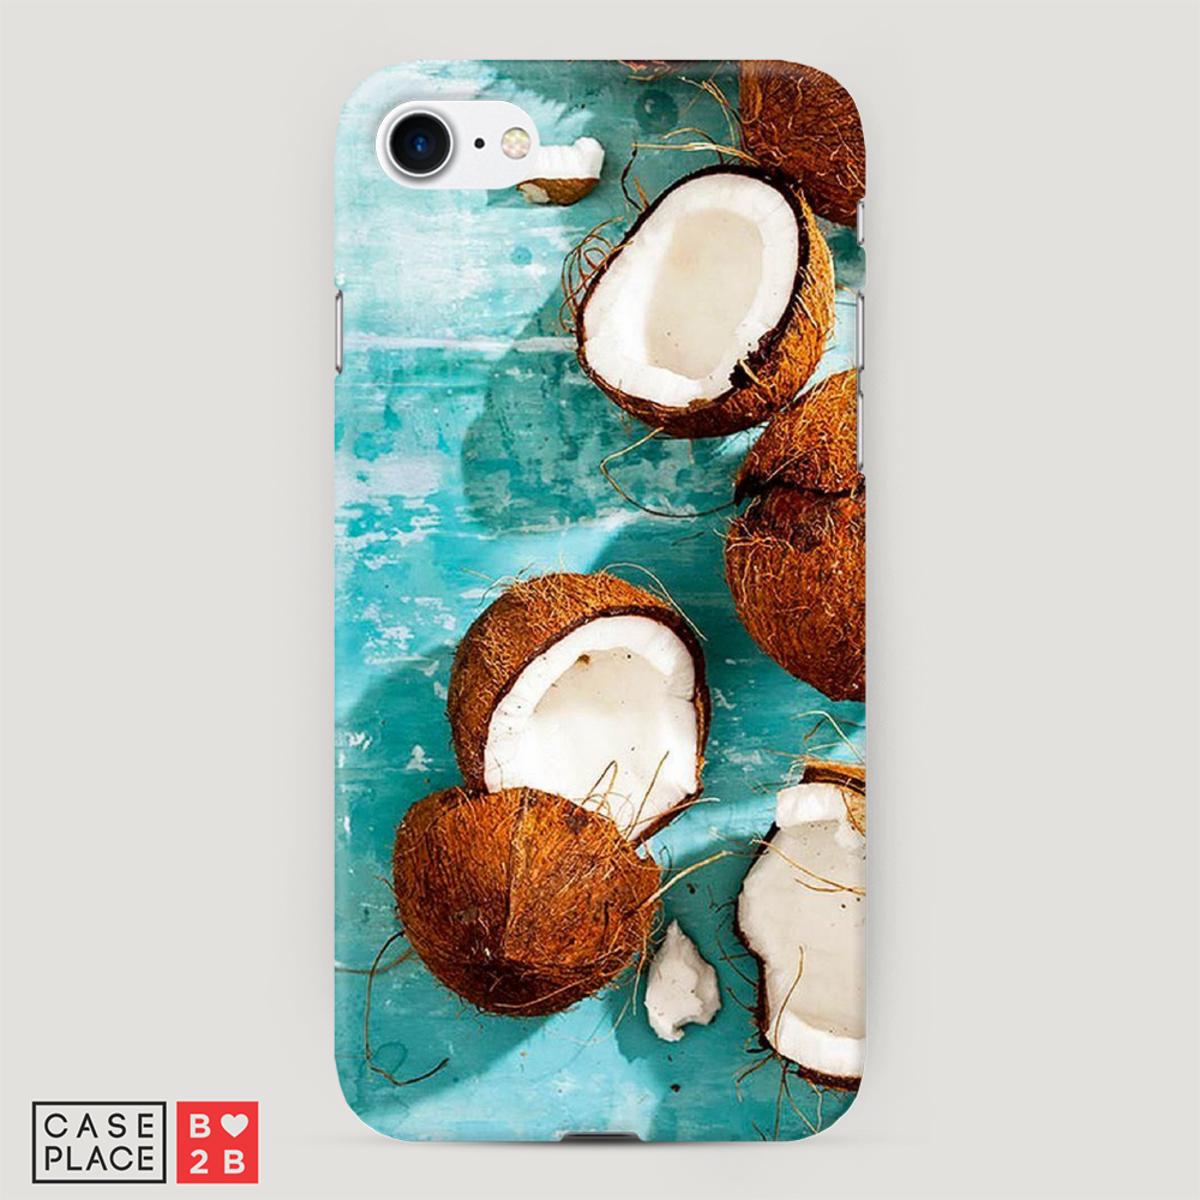 Чехол Разбитые кокосы с 3D сублимацией оптом